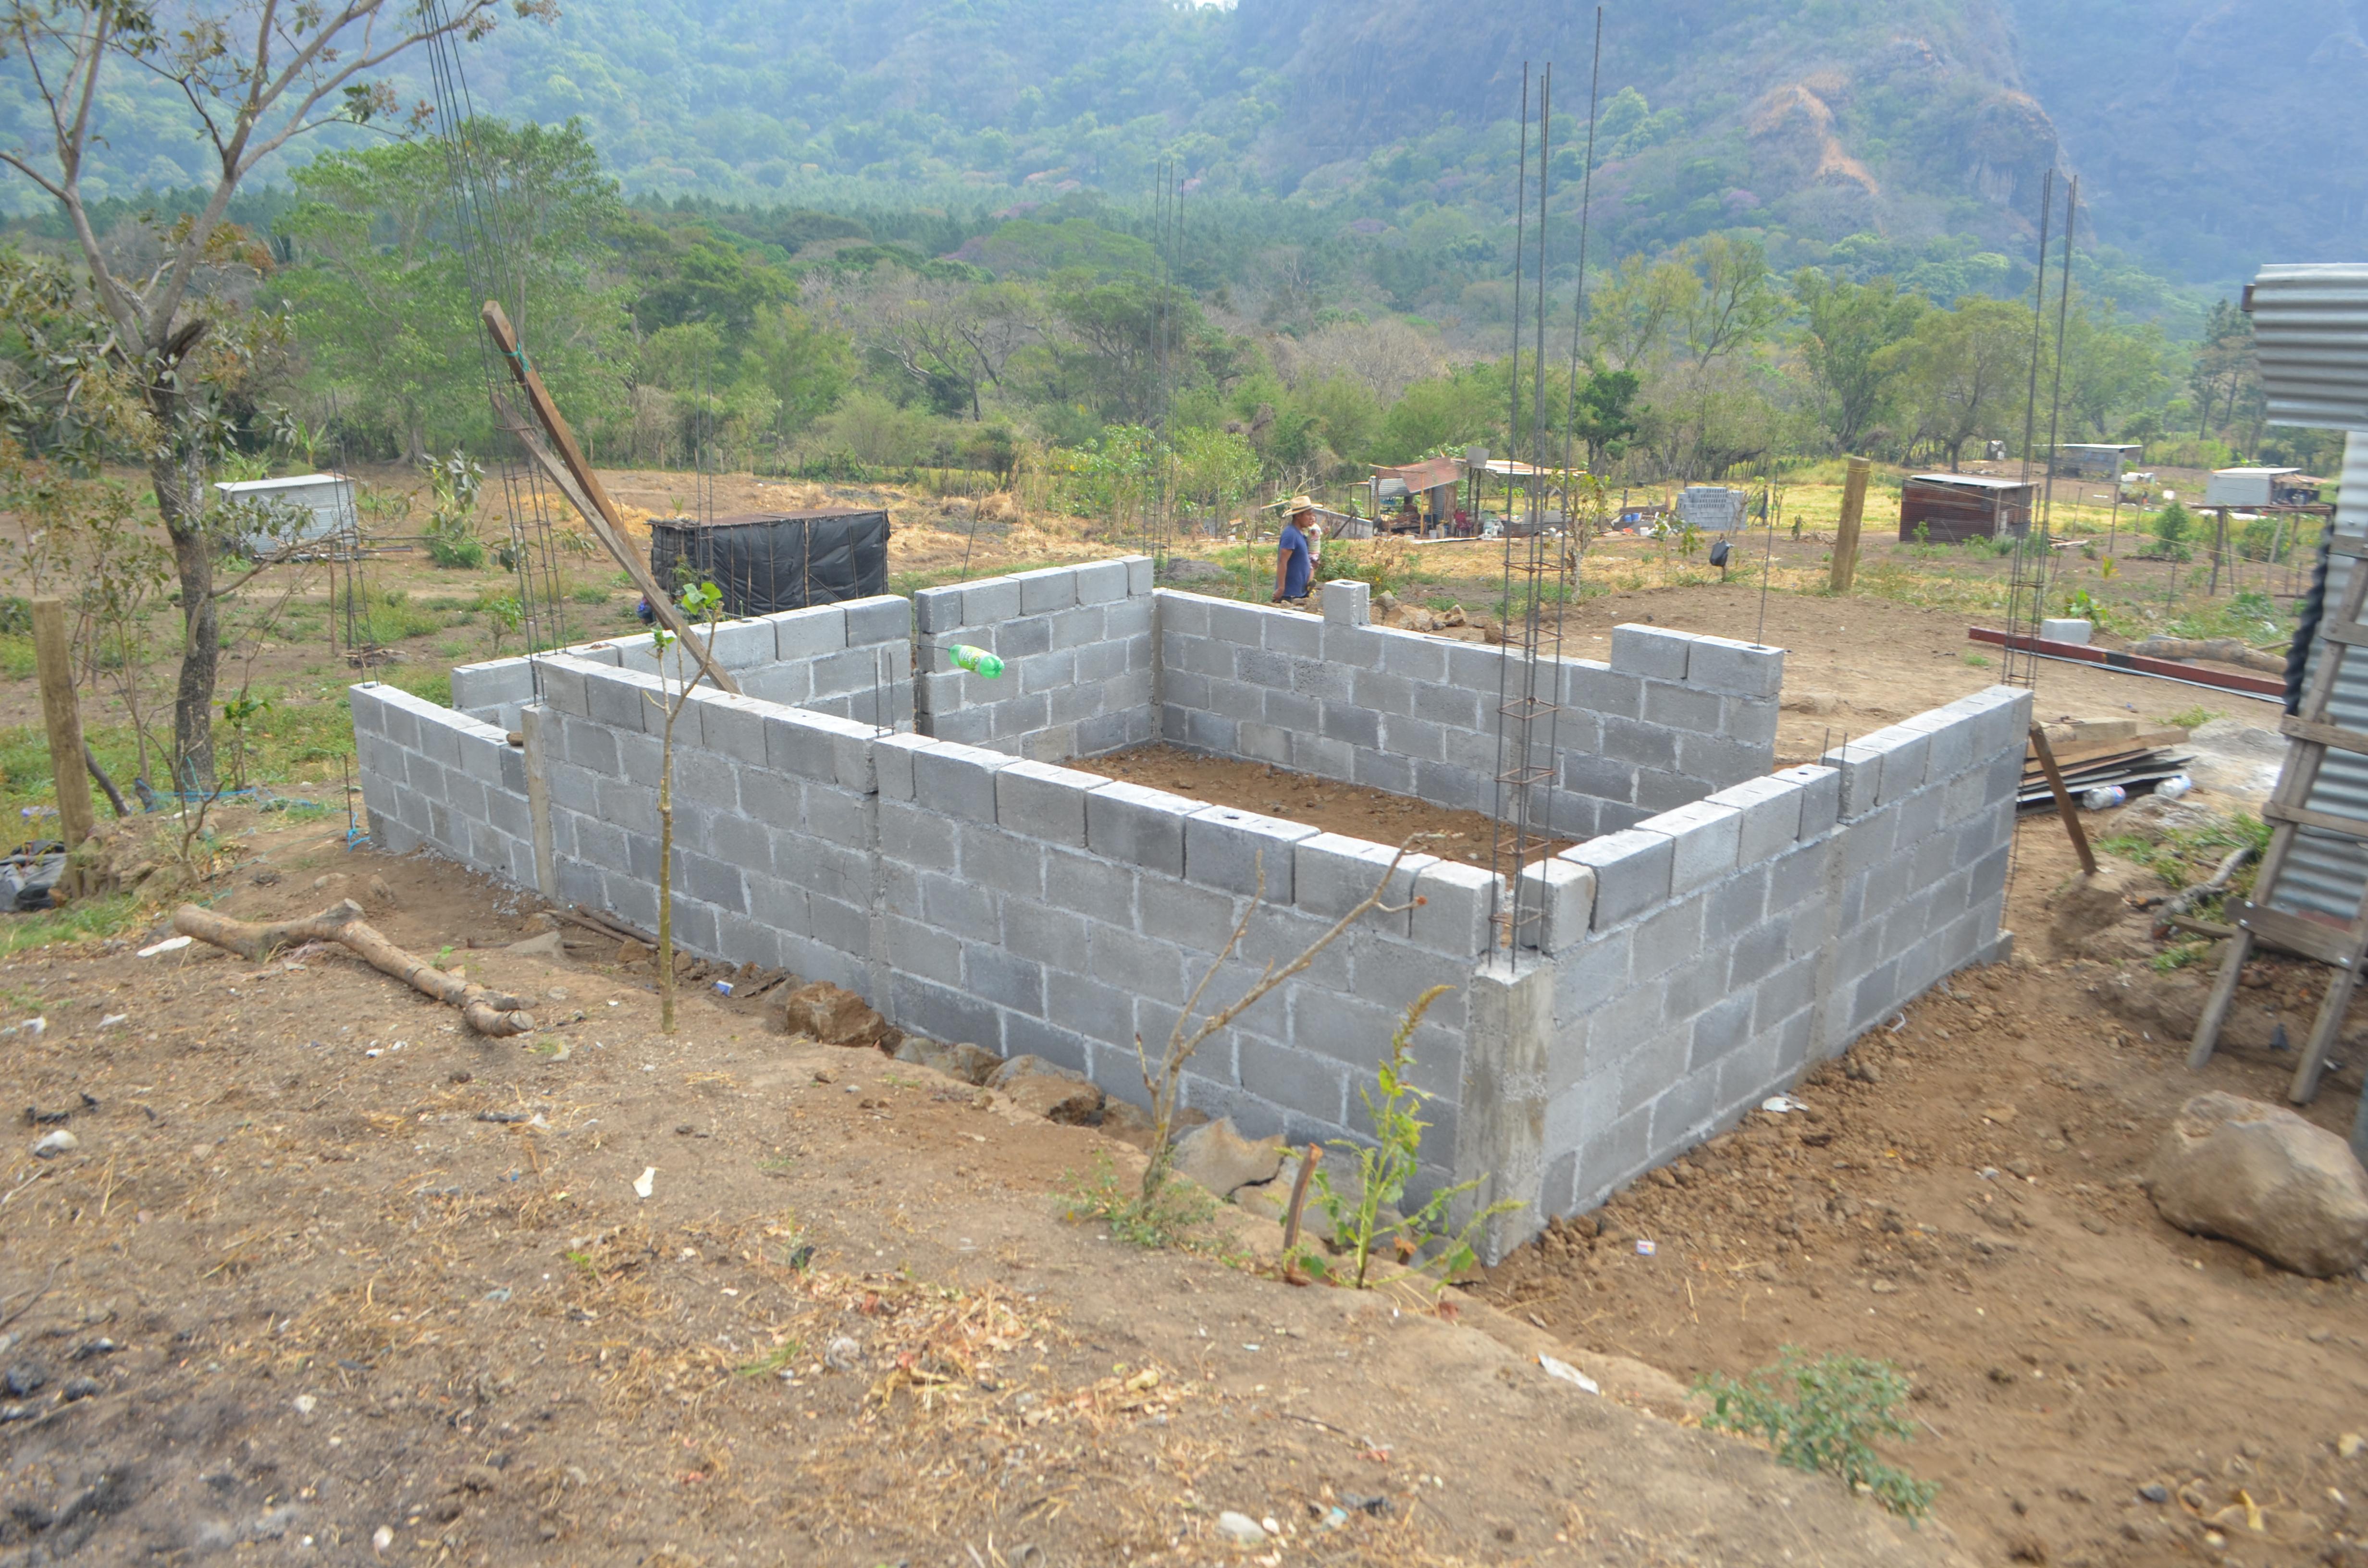 Construcciones ilegales dentro de la Finca Nuevo Monte de la Universidad de San Carlos.